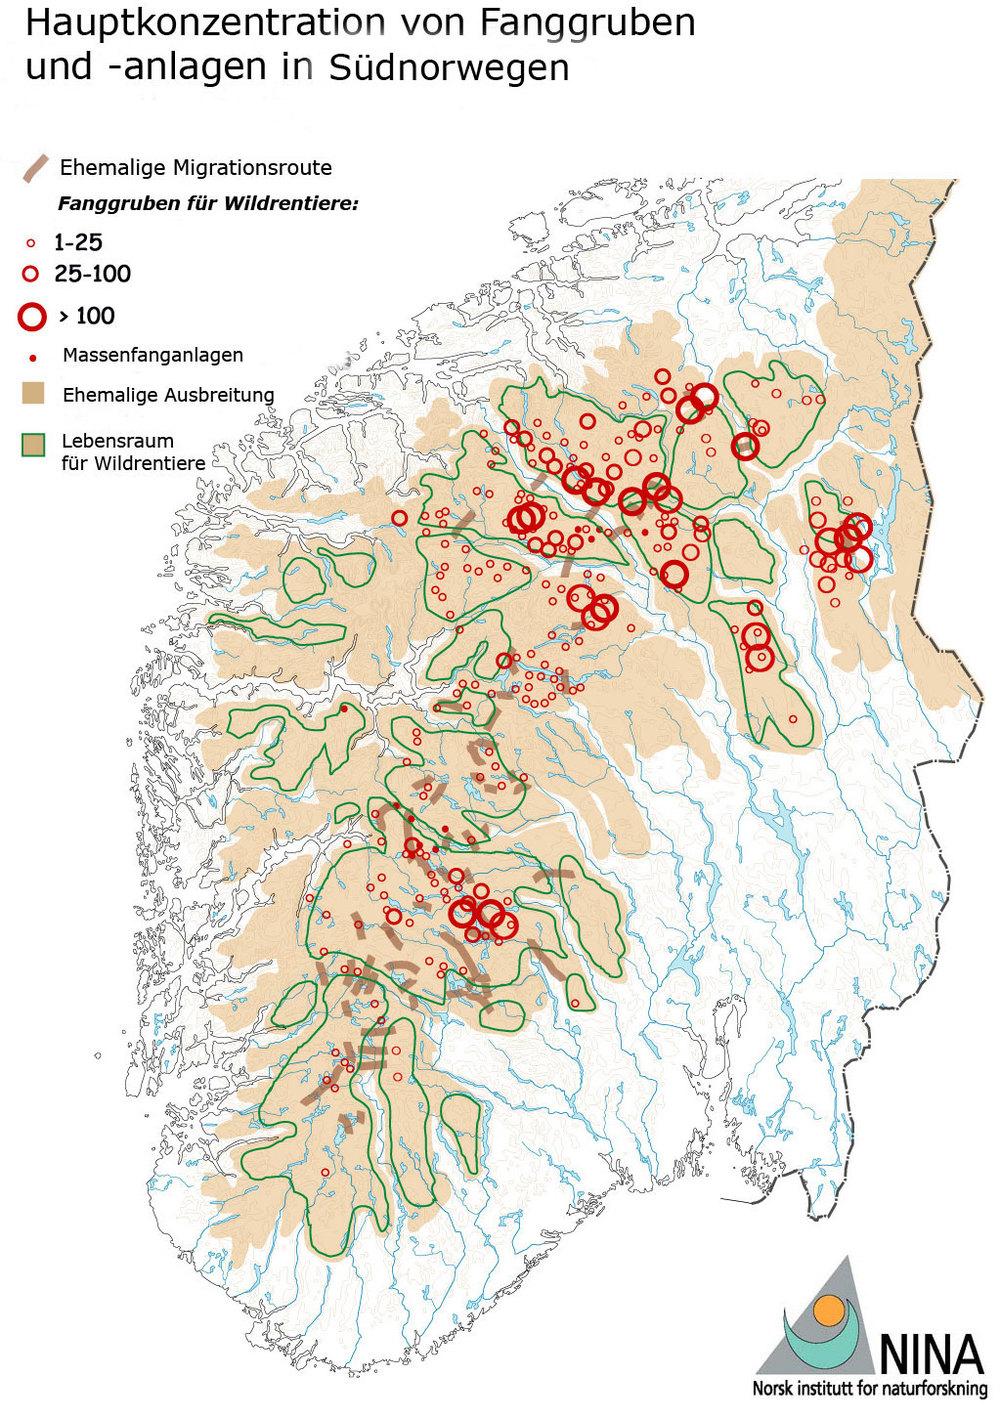 Kartierte Fanggruben und andere Fangsysteme in Südnorwegen. Frühere potentielle Lebensräume sind hellbraun gekennzeichnet (Gebirge).